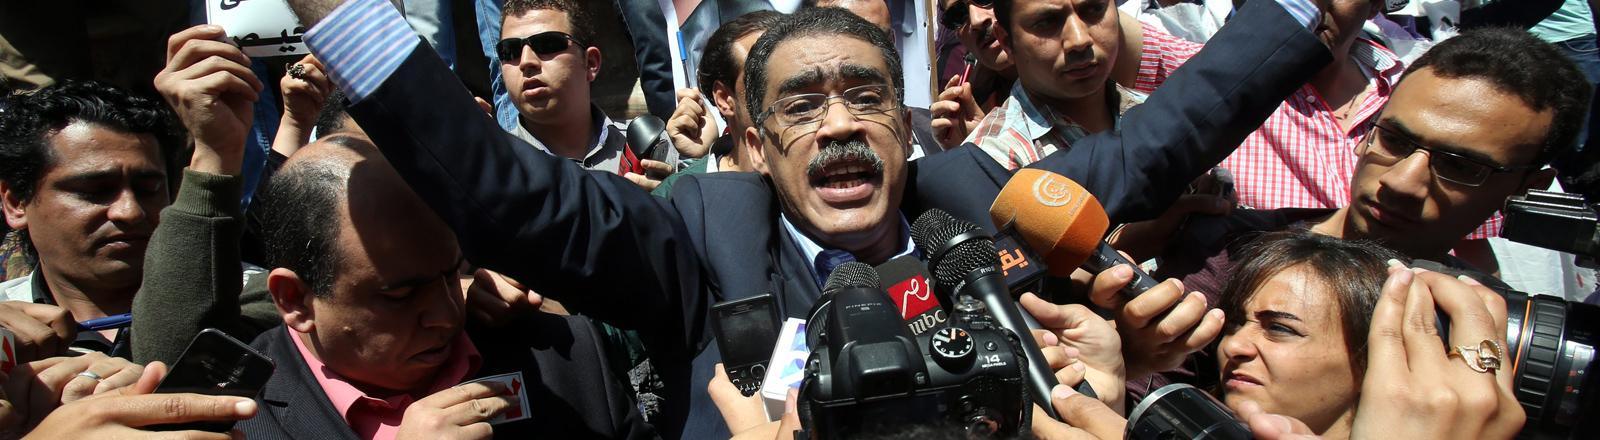 Diaa Rashwan ist Chef der ägyptischen Journalistengewerkschaft und protestiert gegen ein neues Gesetz, das die Pressefreiheit einschränkt.